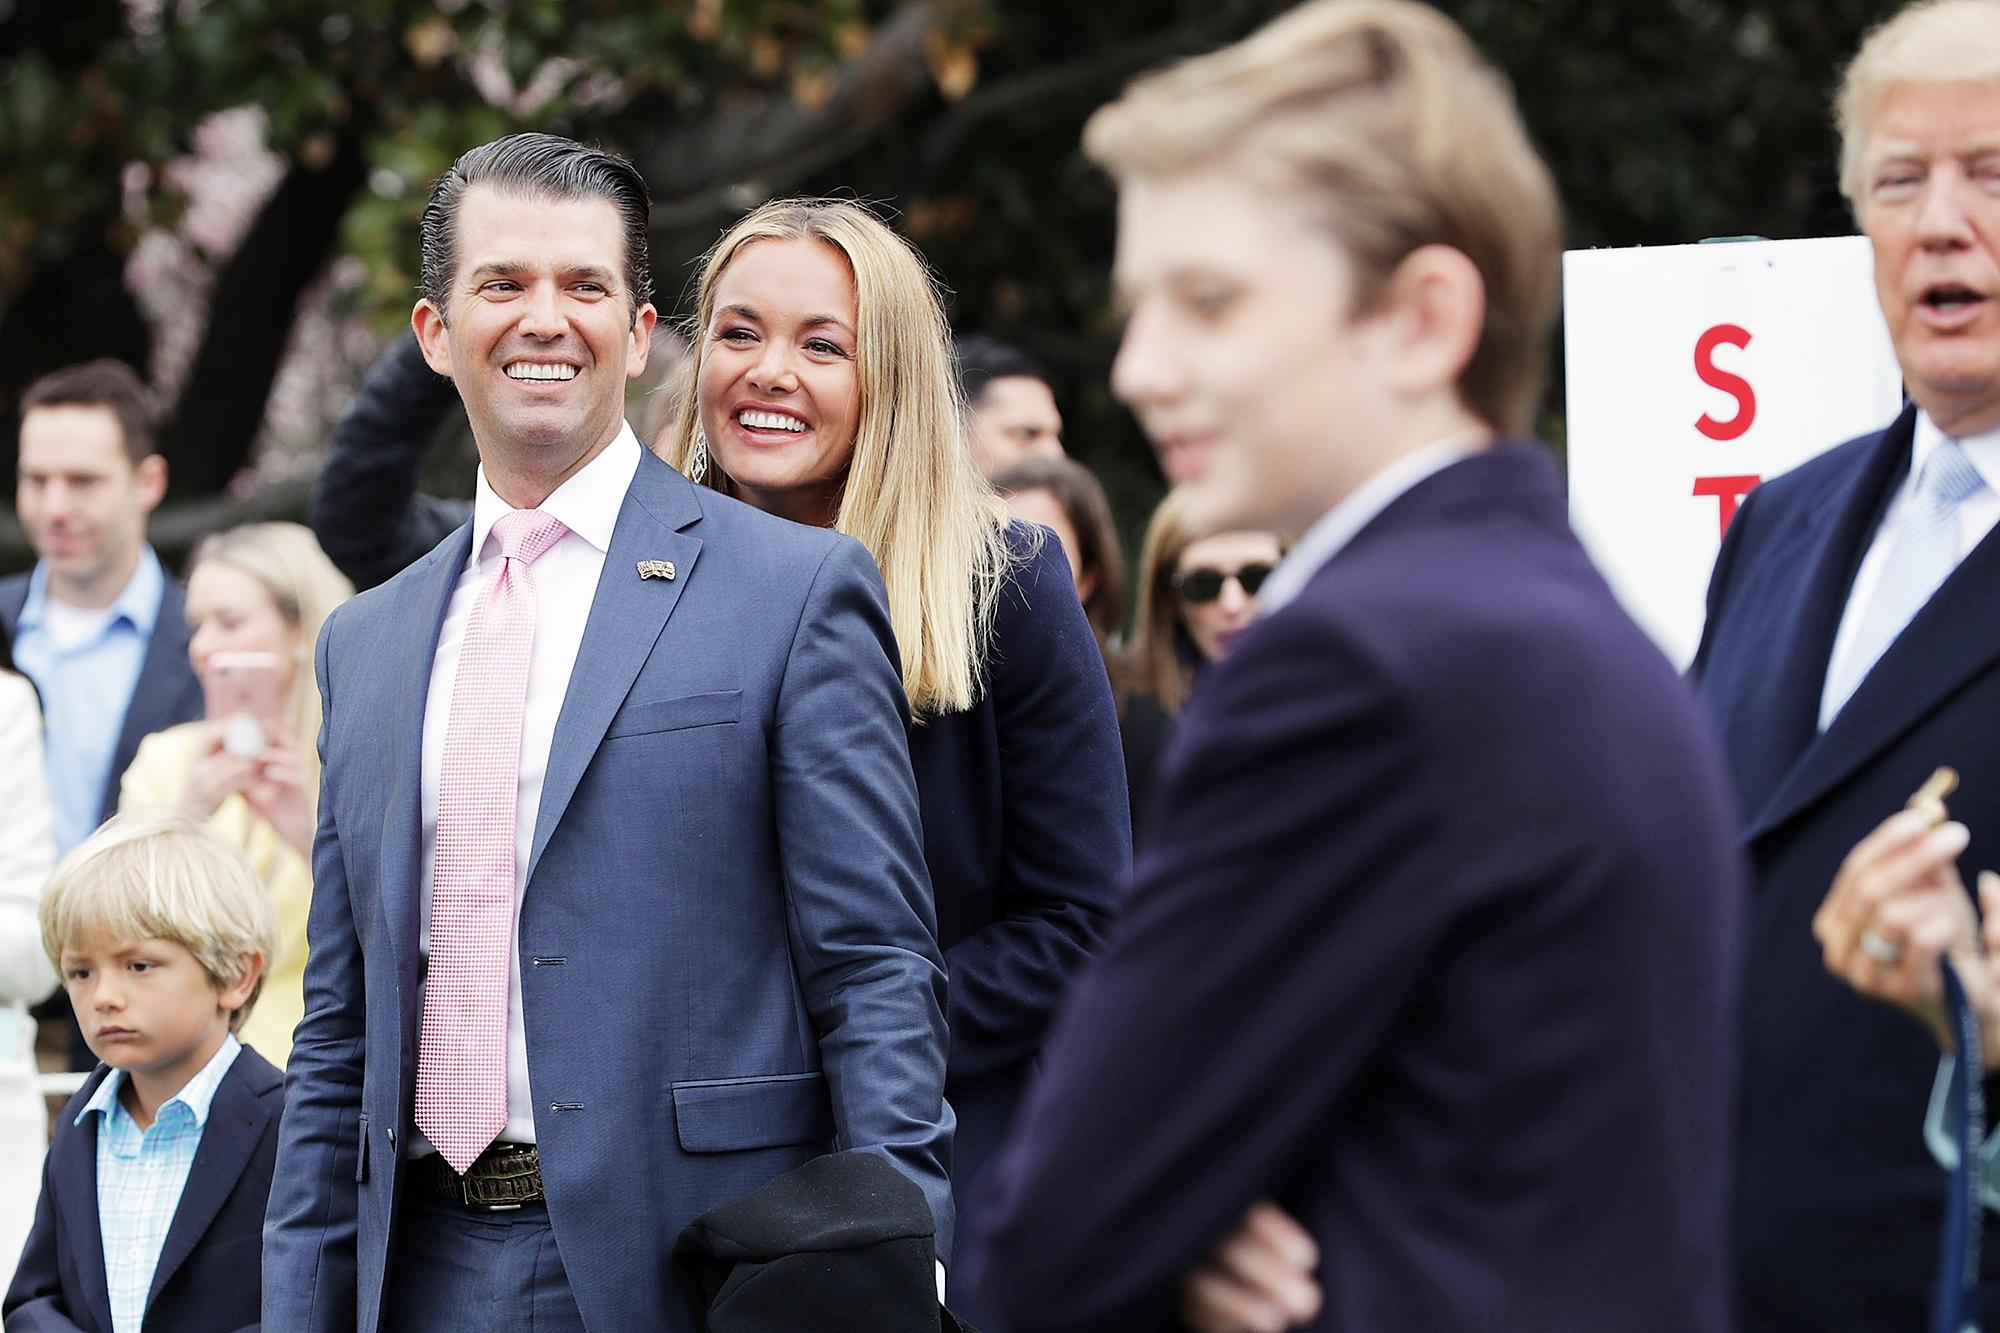 Donald Trump Jr. Vanessa Trump Easter Egg Roll